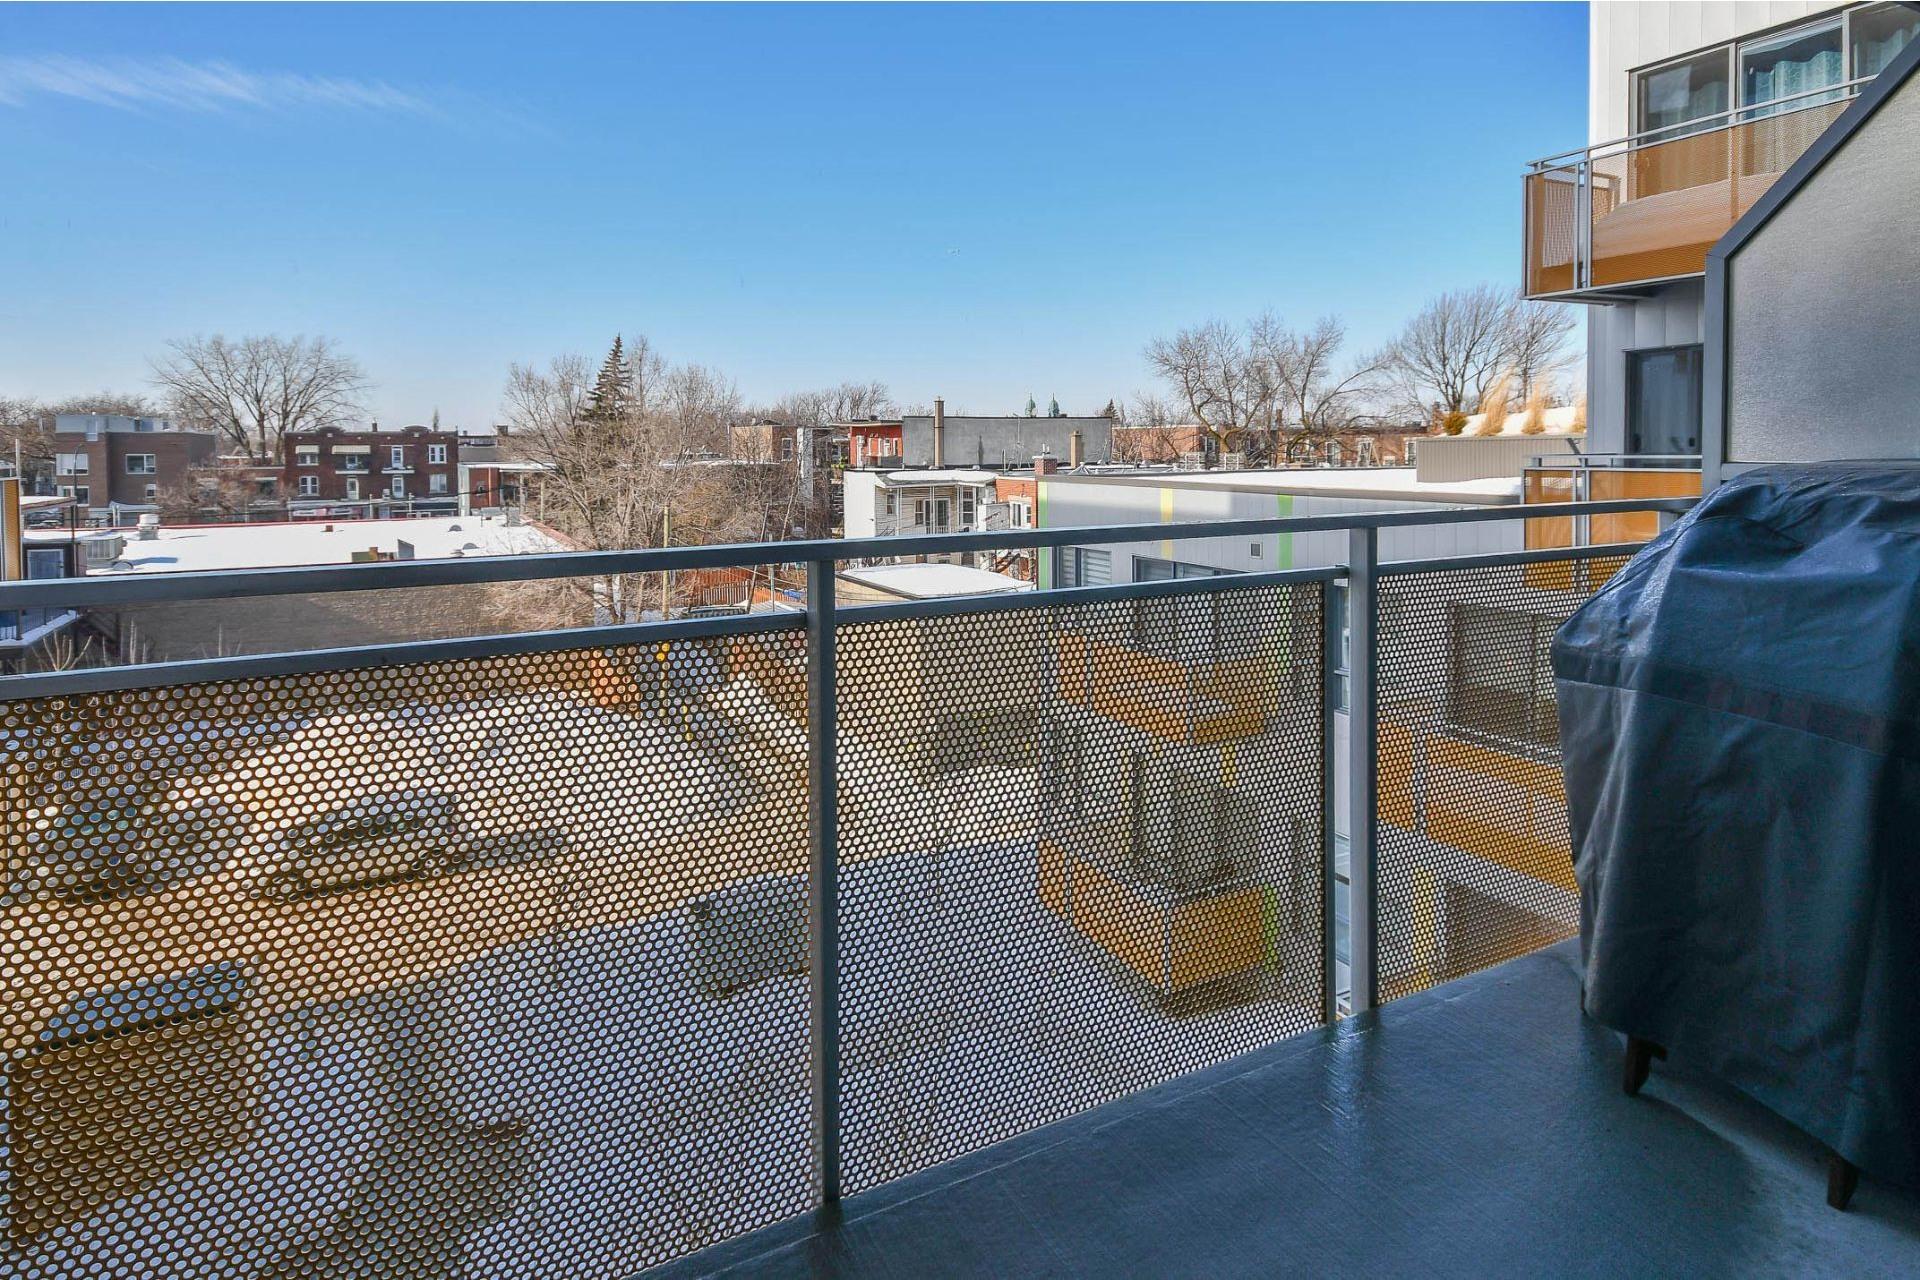 image 9 - Appartement À vendre Rosemont/La Petite-Patrie Montréal  - 4 pièces